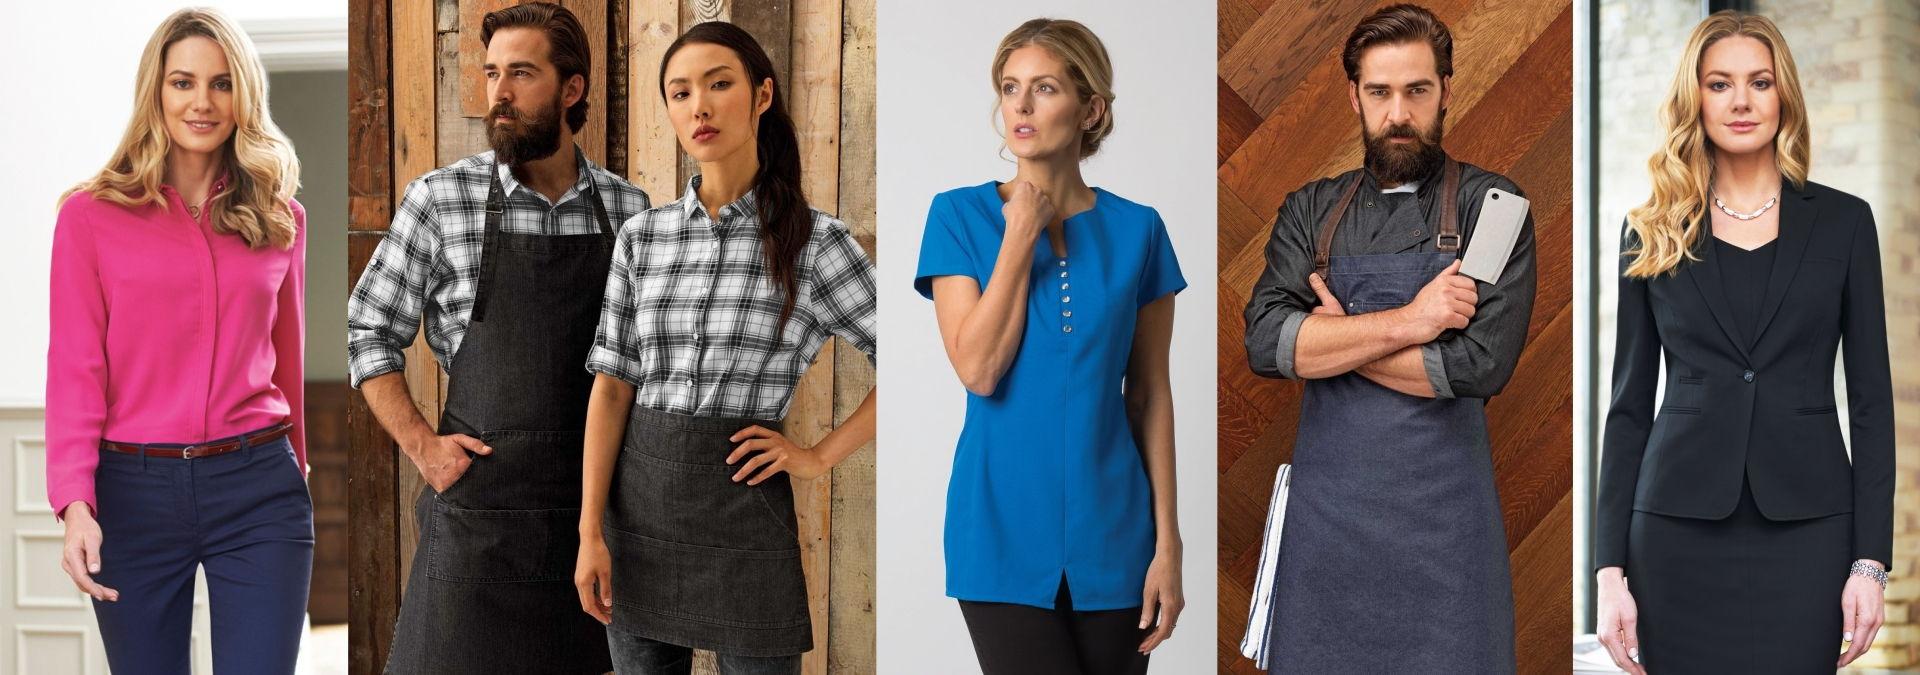 pracovní oděvy, uniformy, pracovní oblečení, stejnokroje